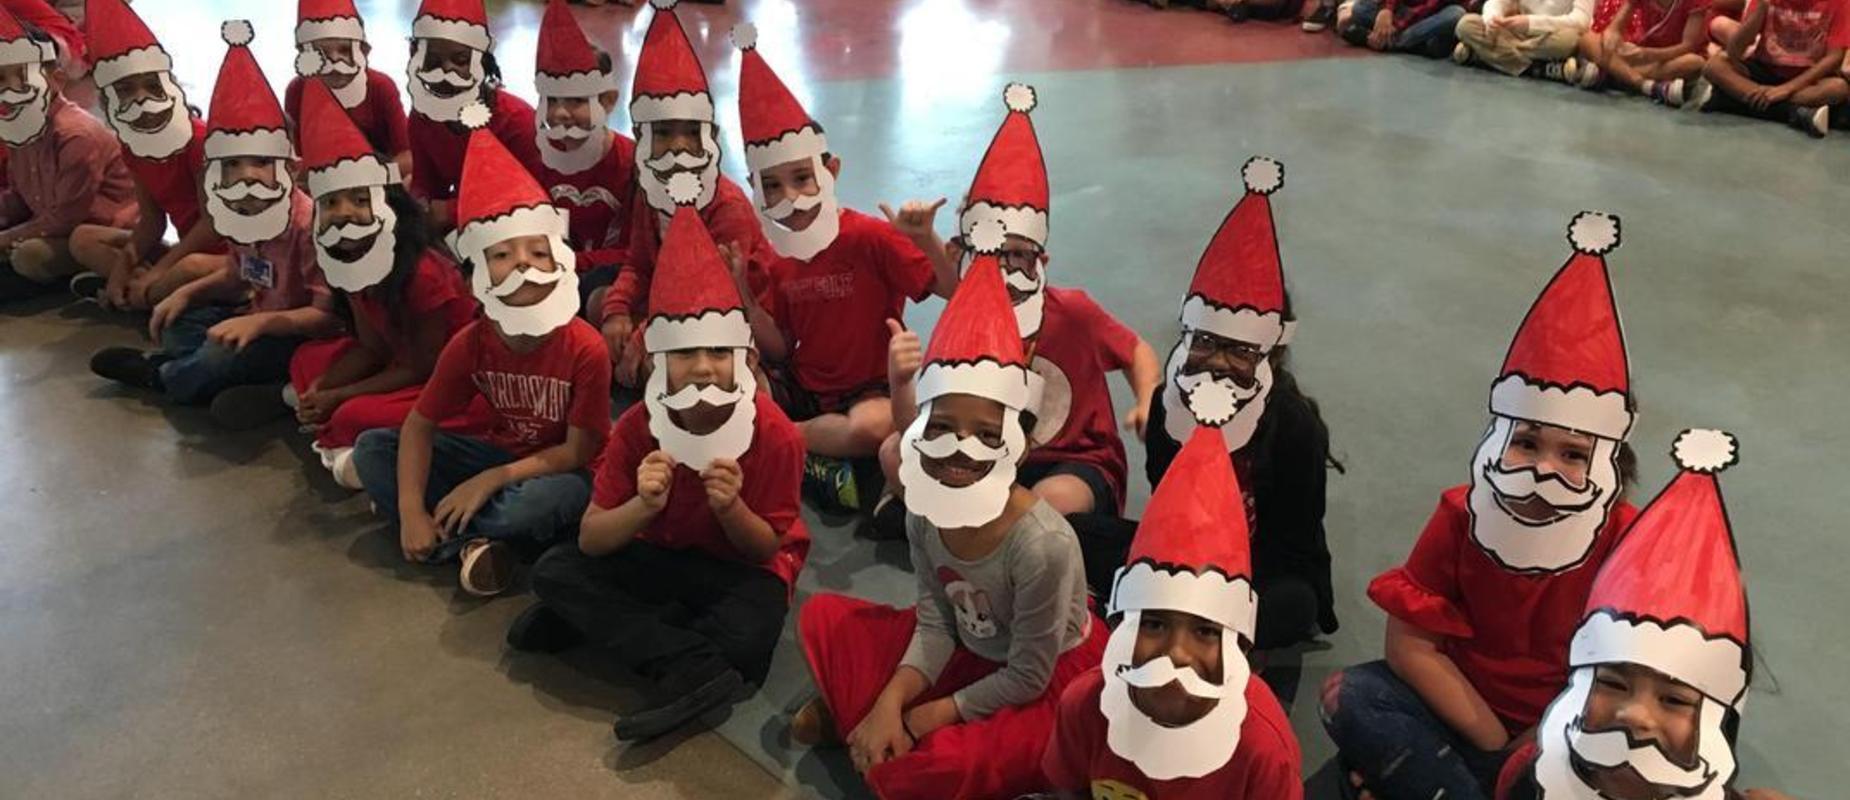 Students as Santa Claus